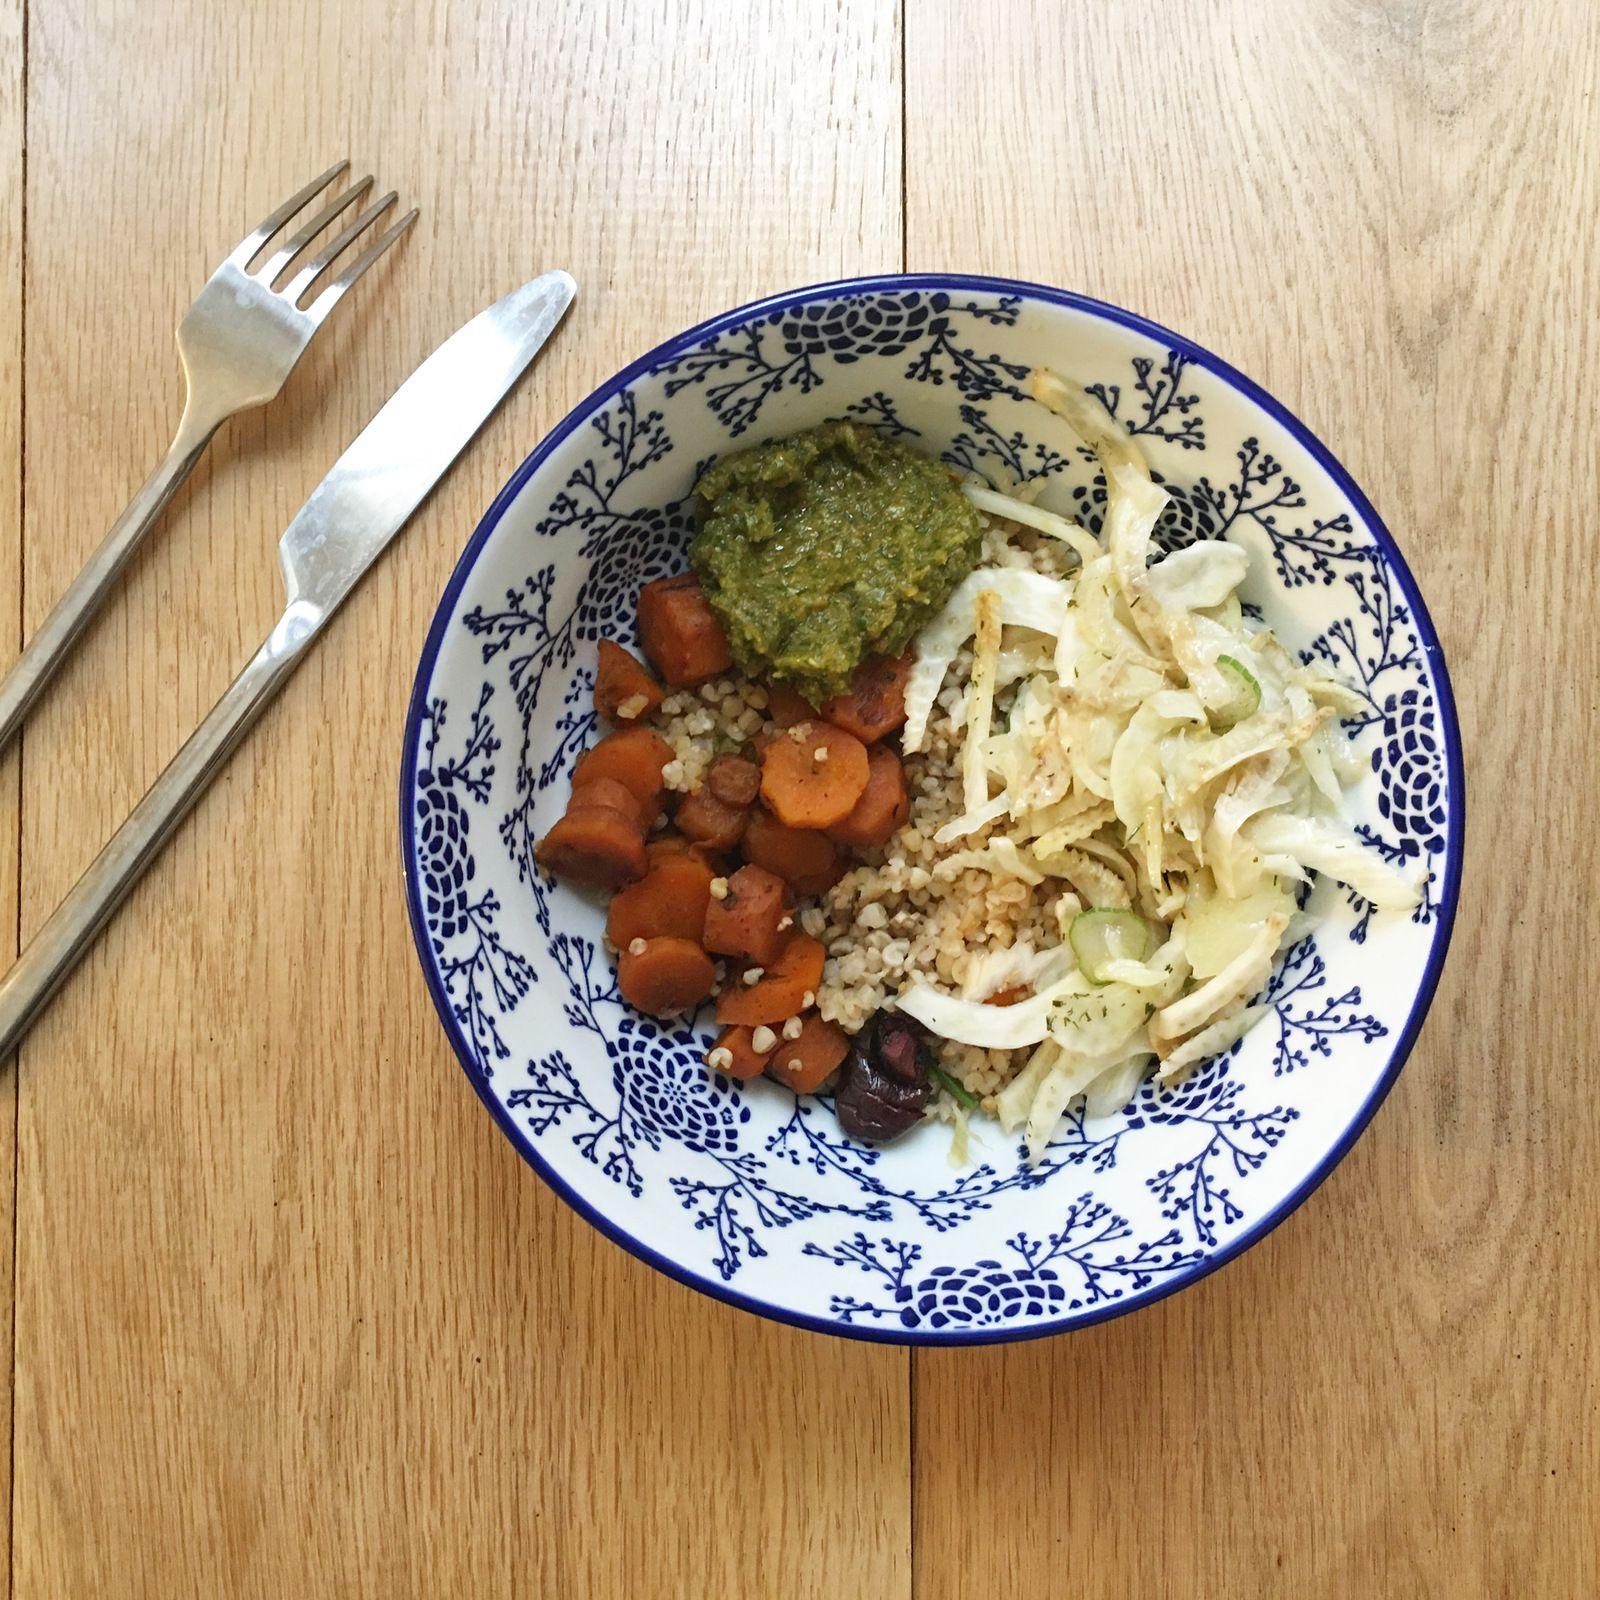 Carottes cumin, harissa et olives violettes, fenouil mariné, chermoula et boulgour